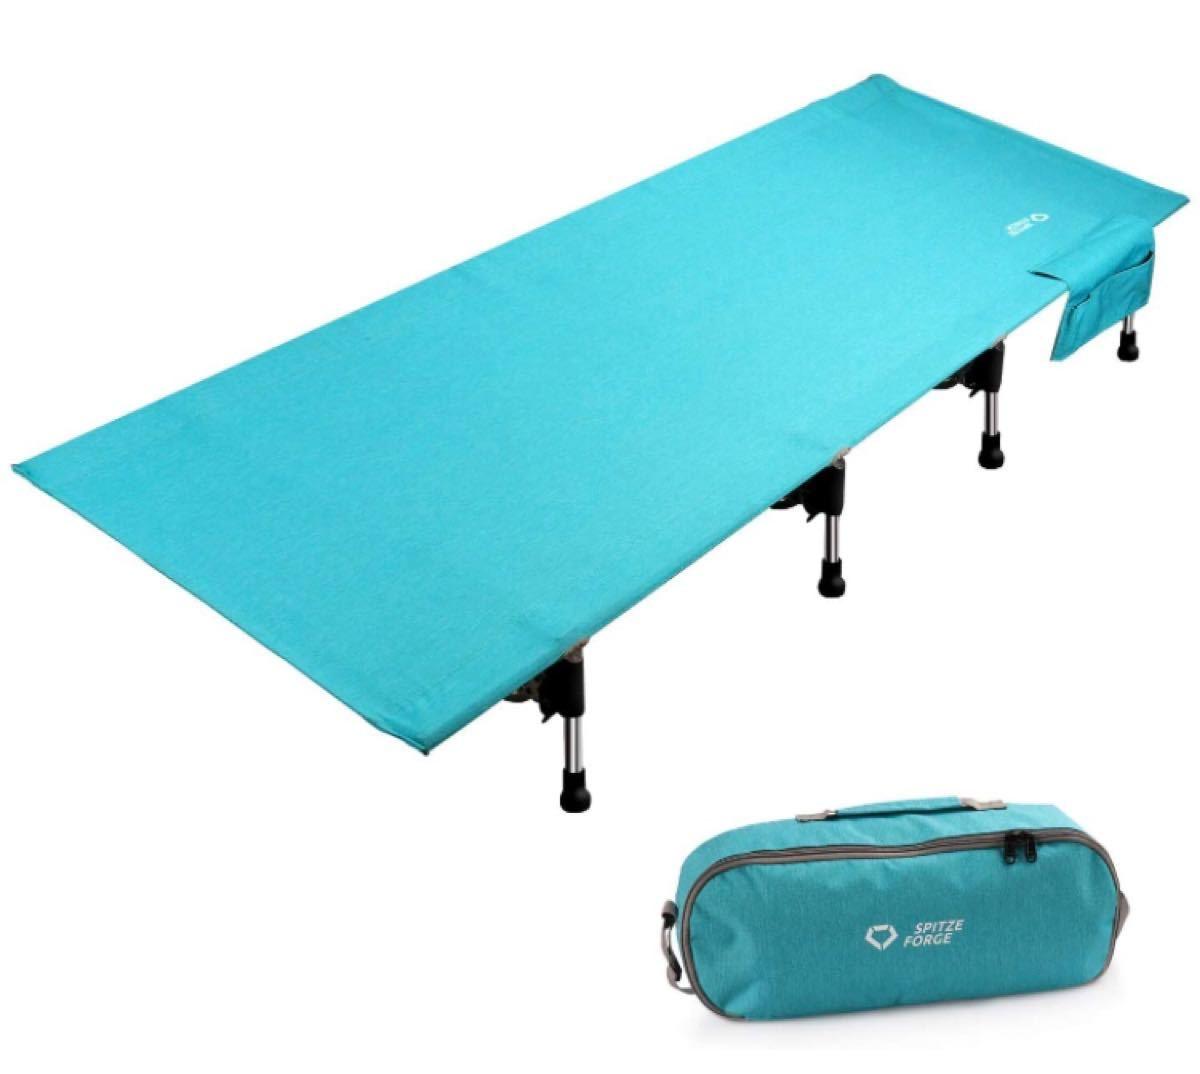 コット キャンプ 防水 アウトドアベッド 女子でも簡単組立 軽量 コンパクト